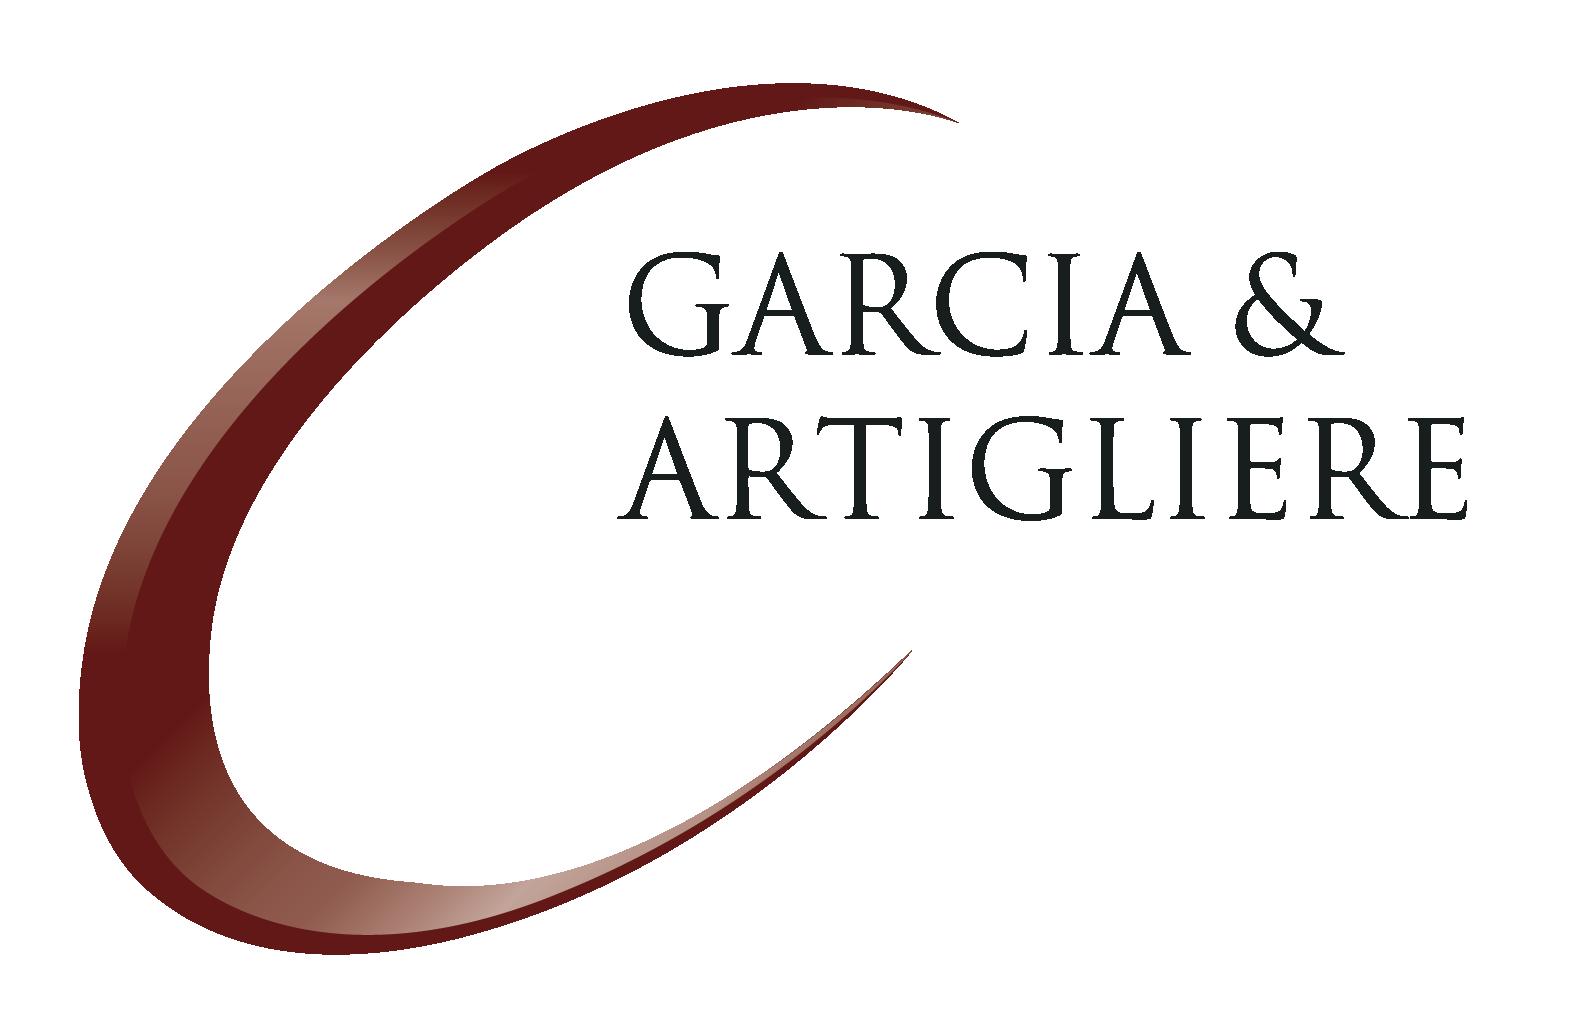 Garcia & Artigliere Logo